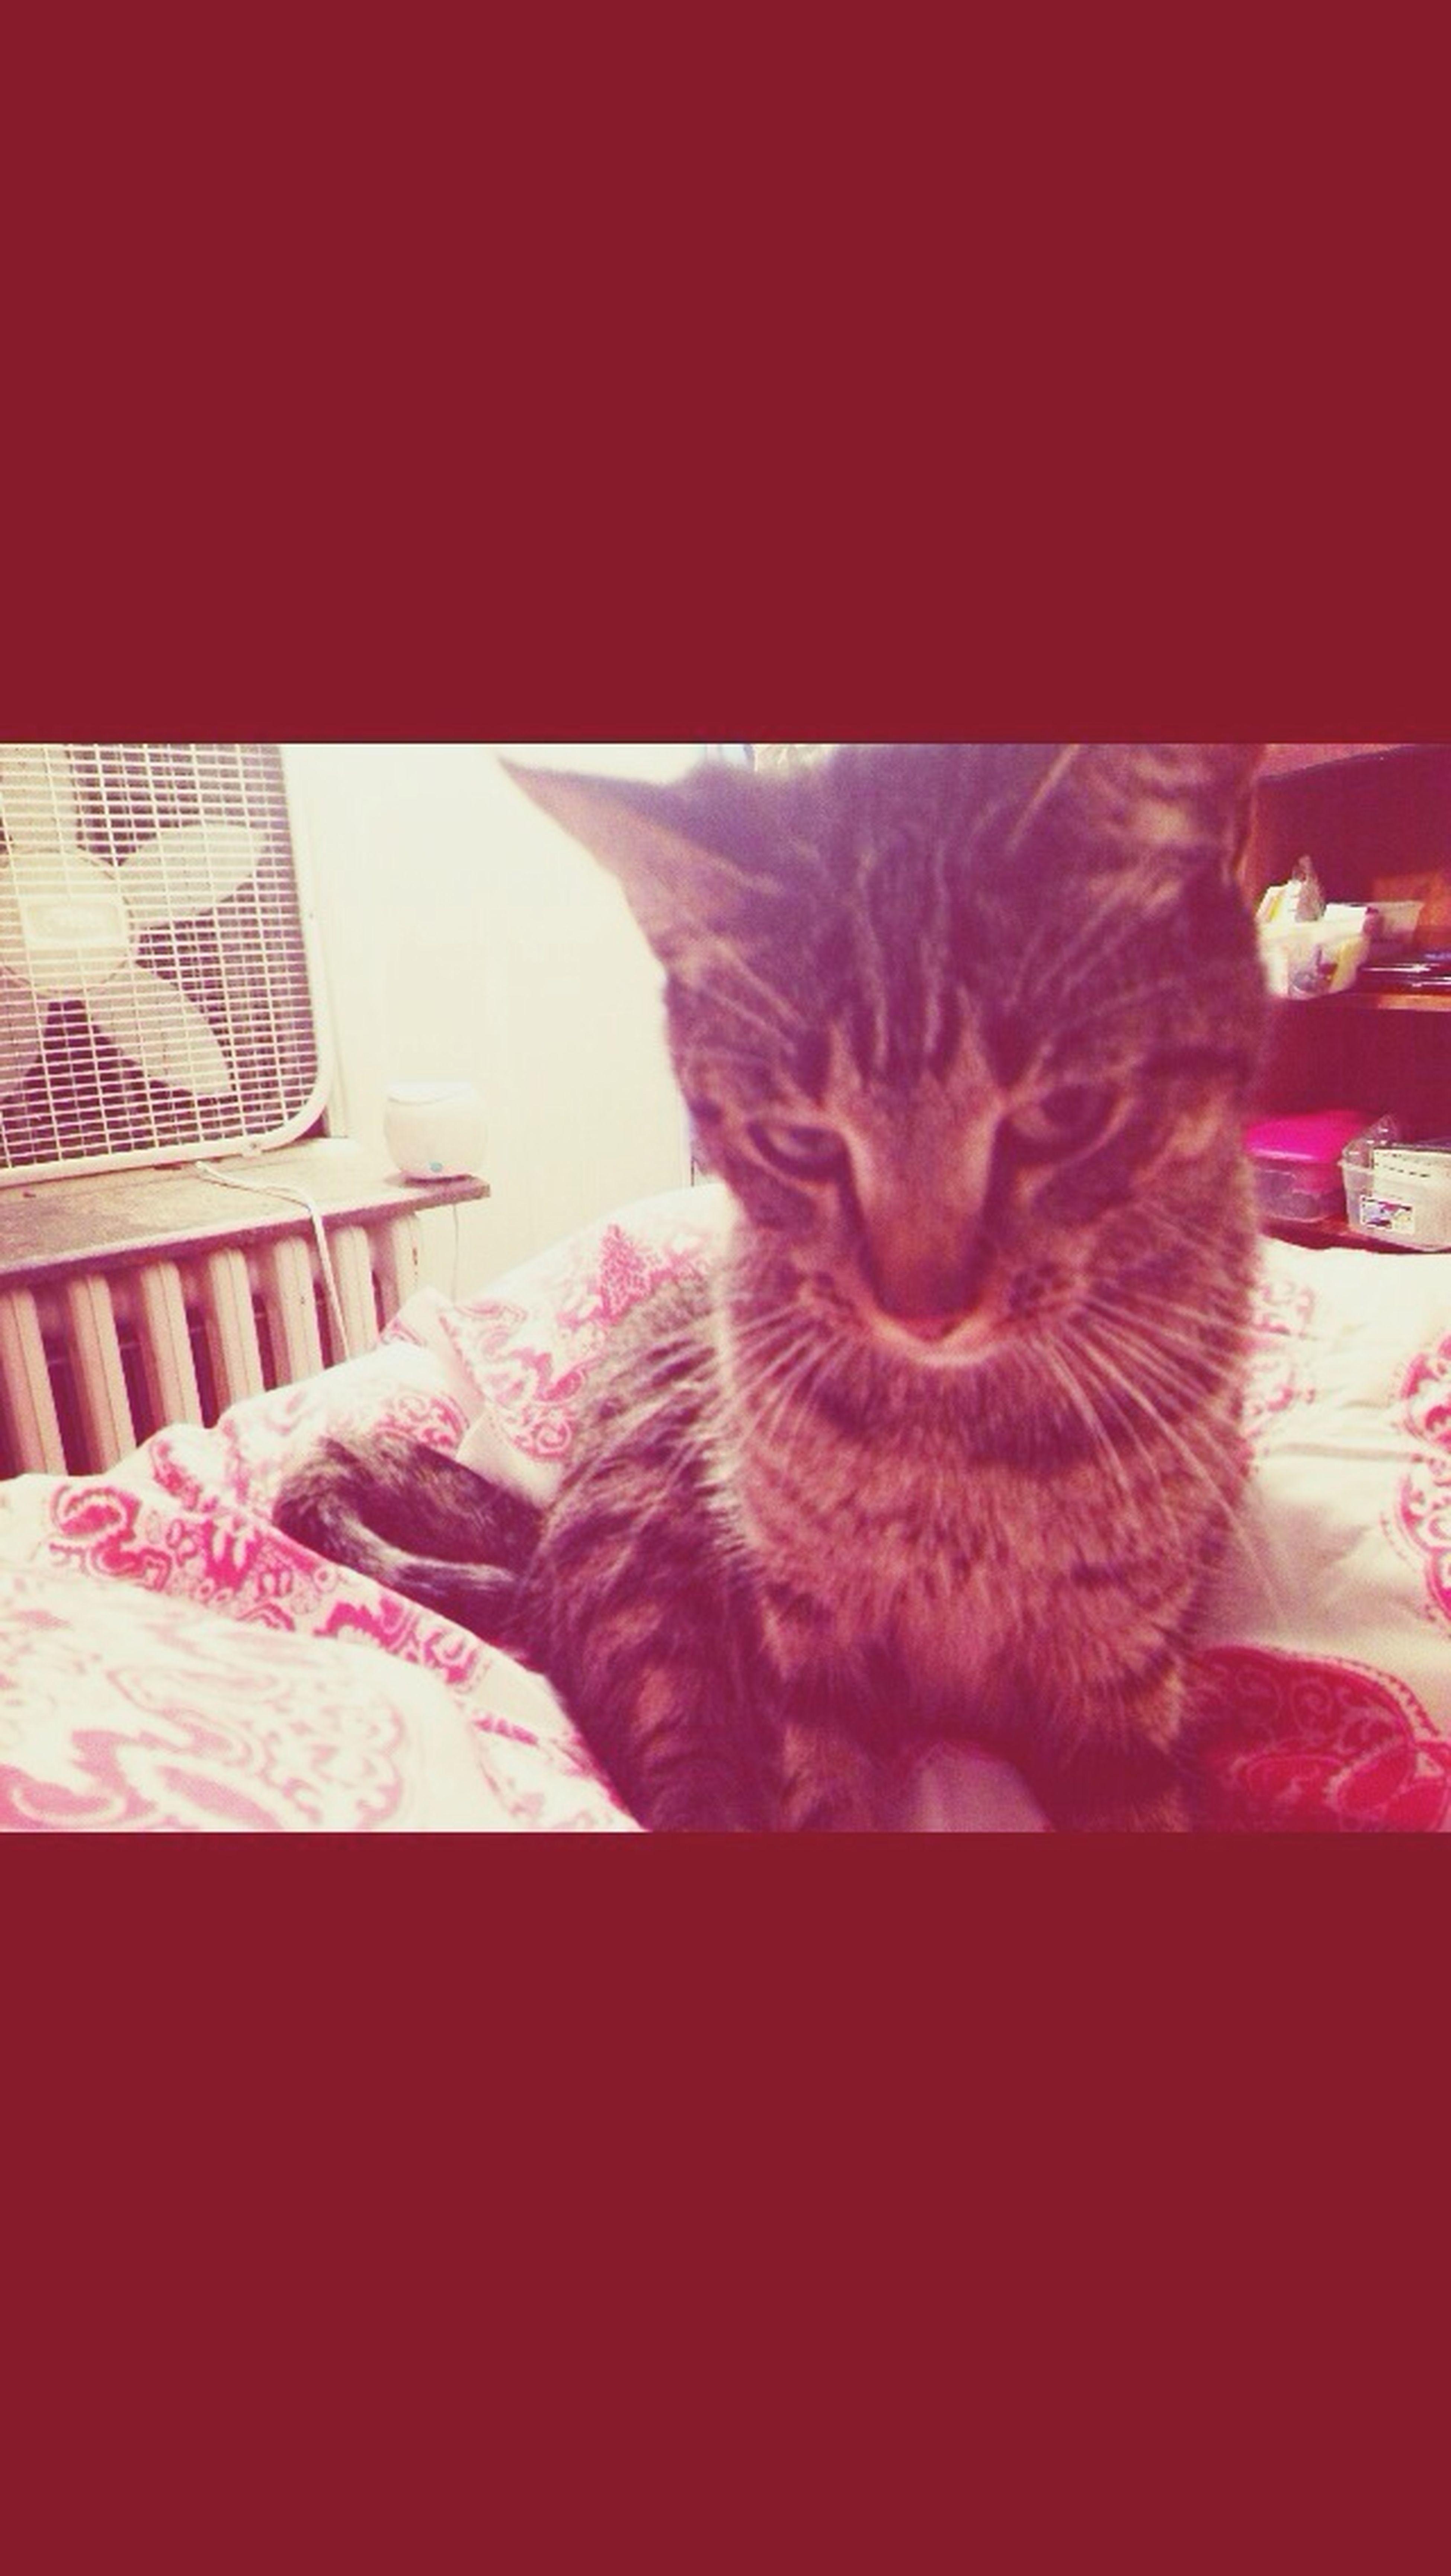 Henry danks Stoner Kitty